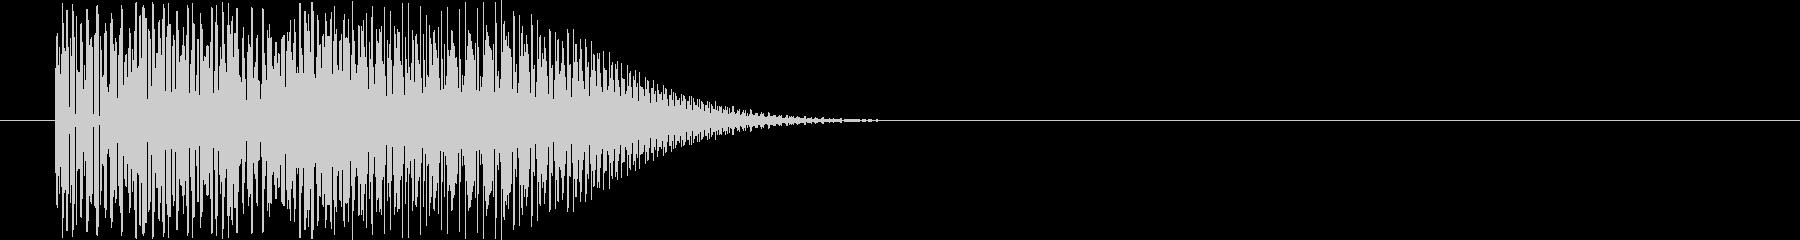 ビロン (ボタン・決定音・デジタル)の未再生の波形